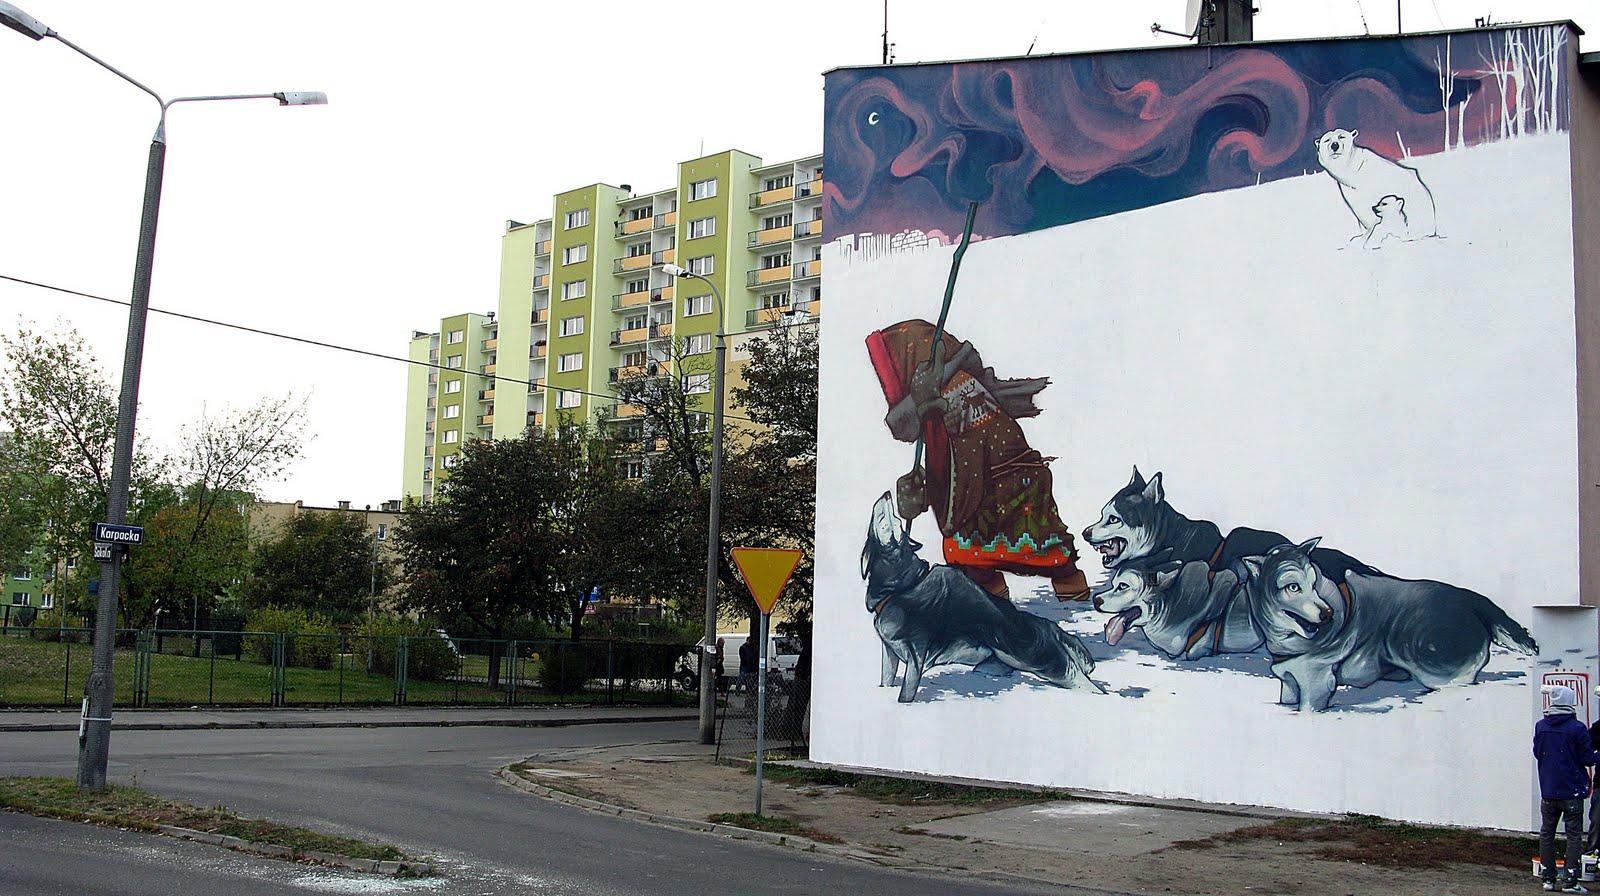 Amazing graffiti by Przemek Blejzyk